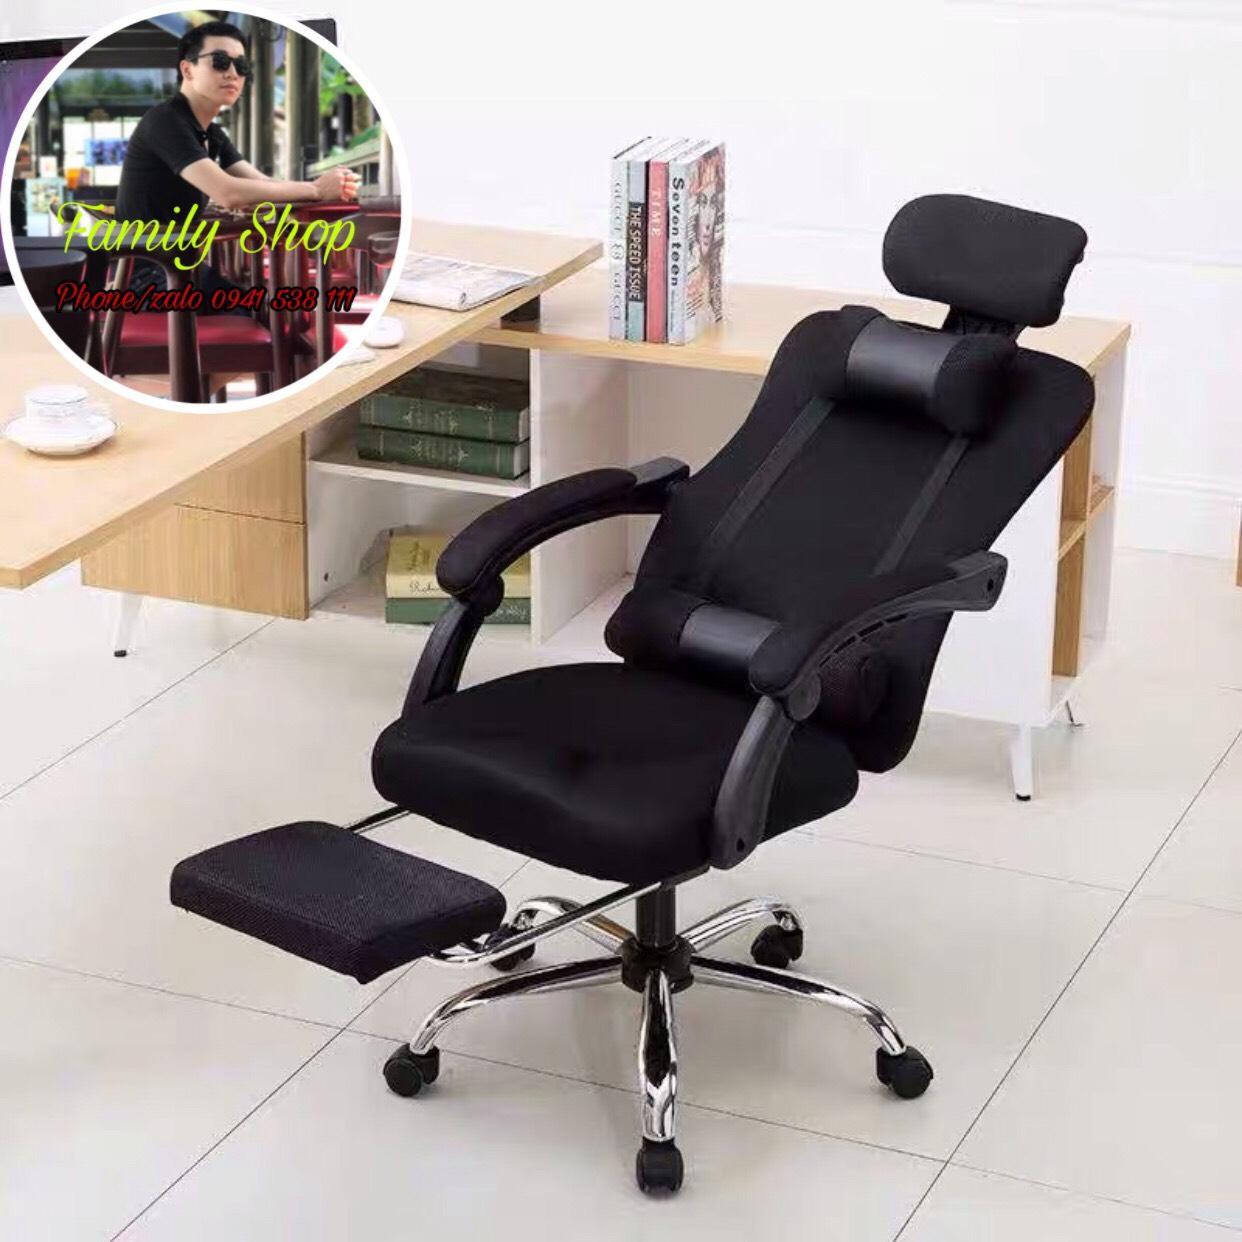 Ghế game, ghế xoay 360, ngả lưng, có gác chân giá rẻ